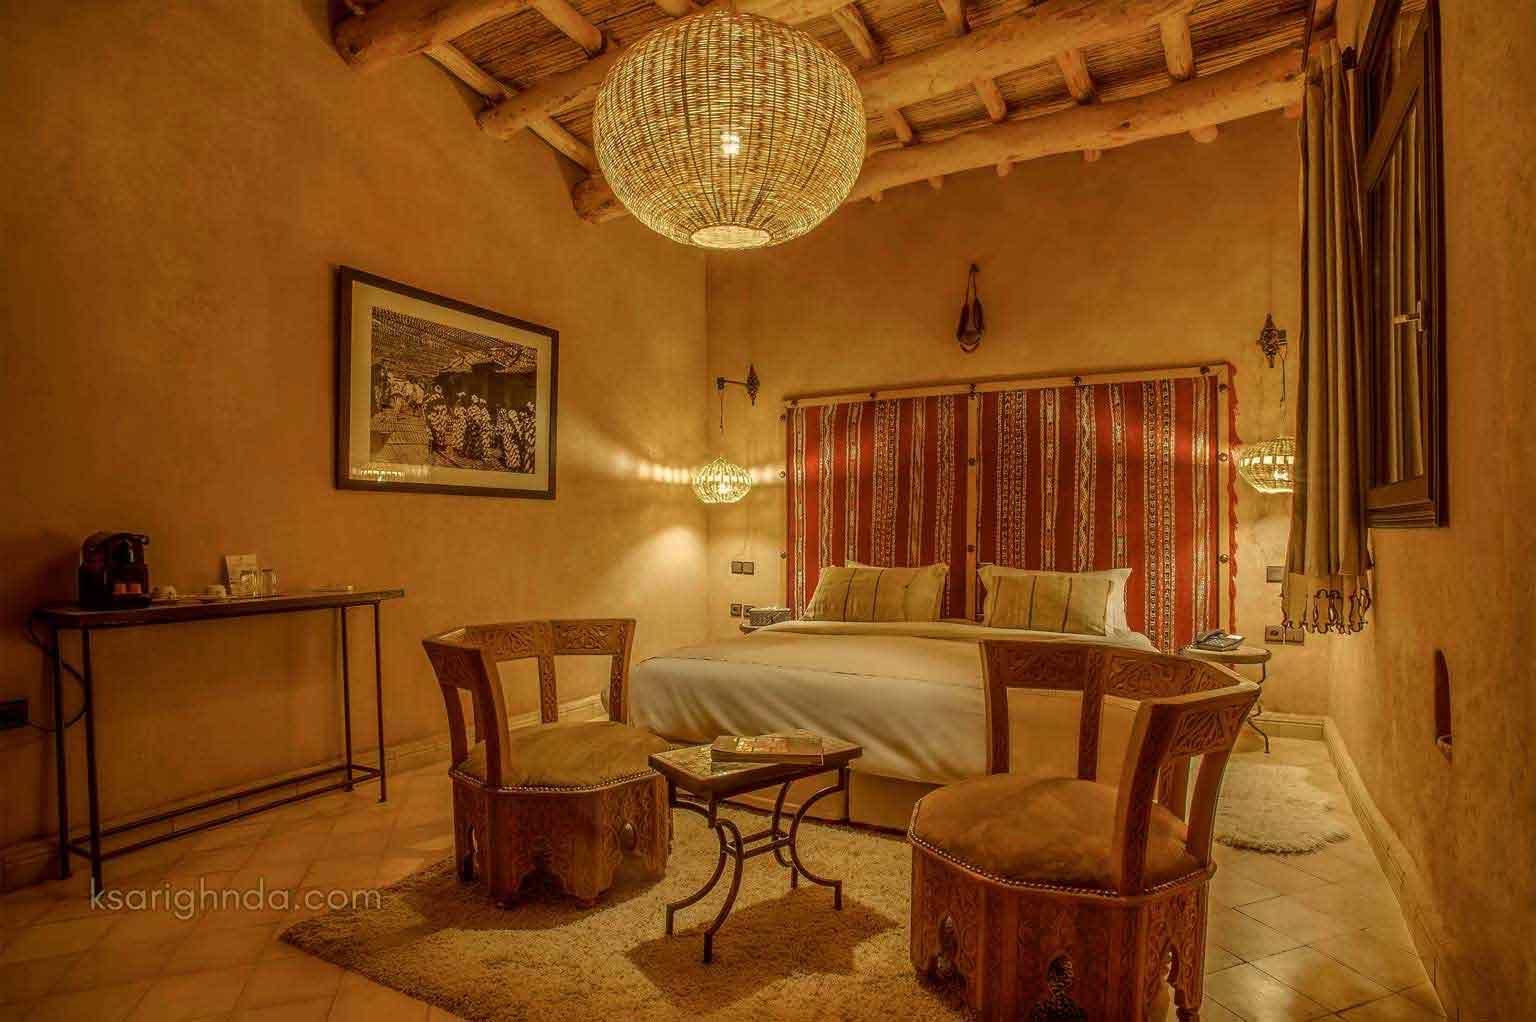 Chambre confortable Hôtel ksar Ighnda